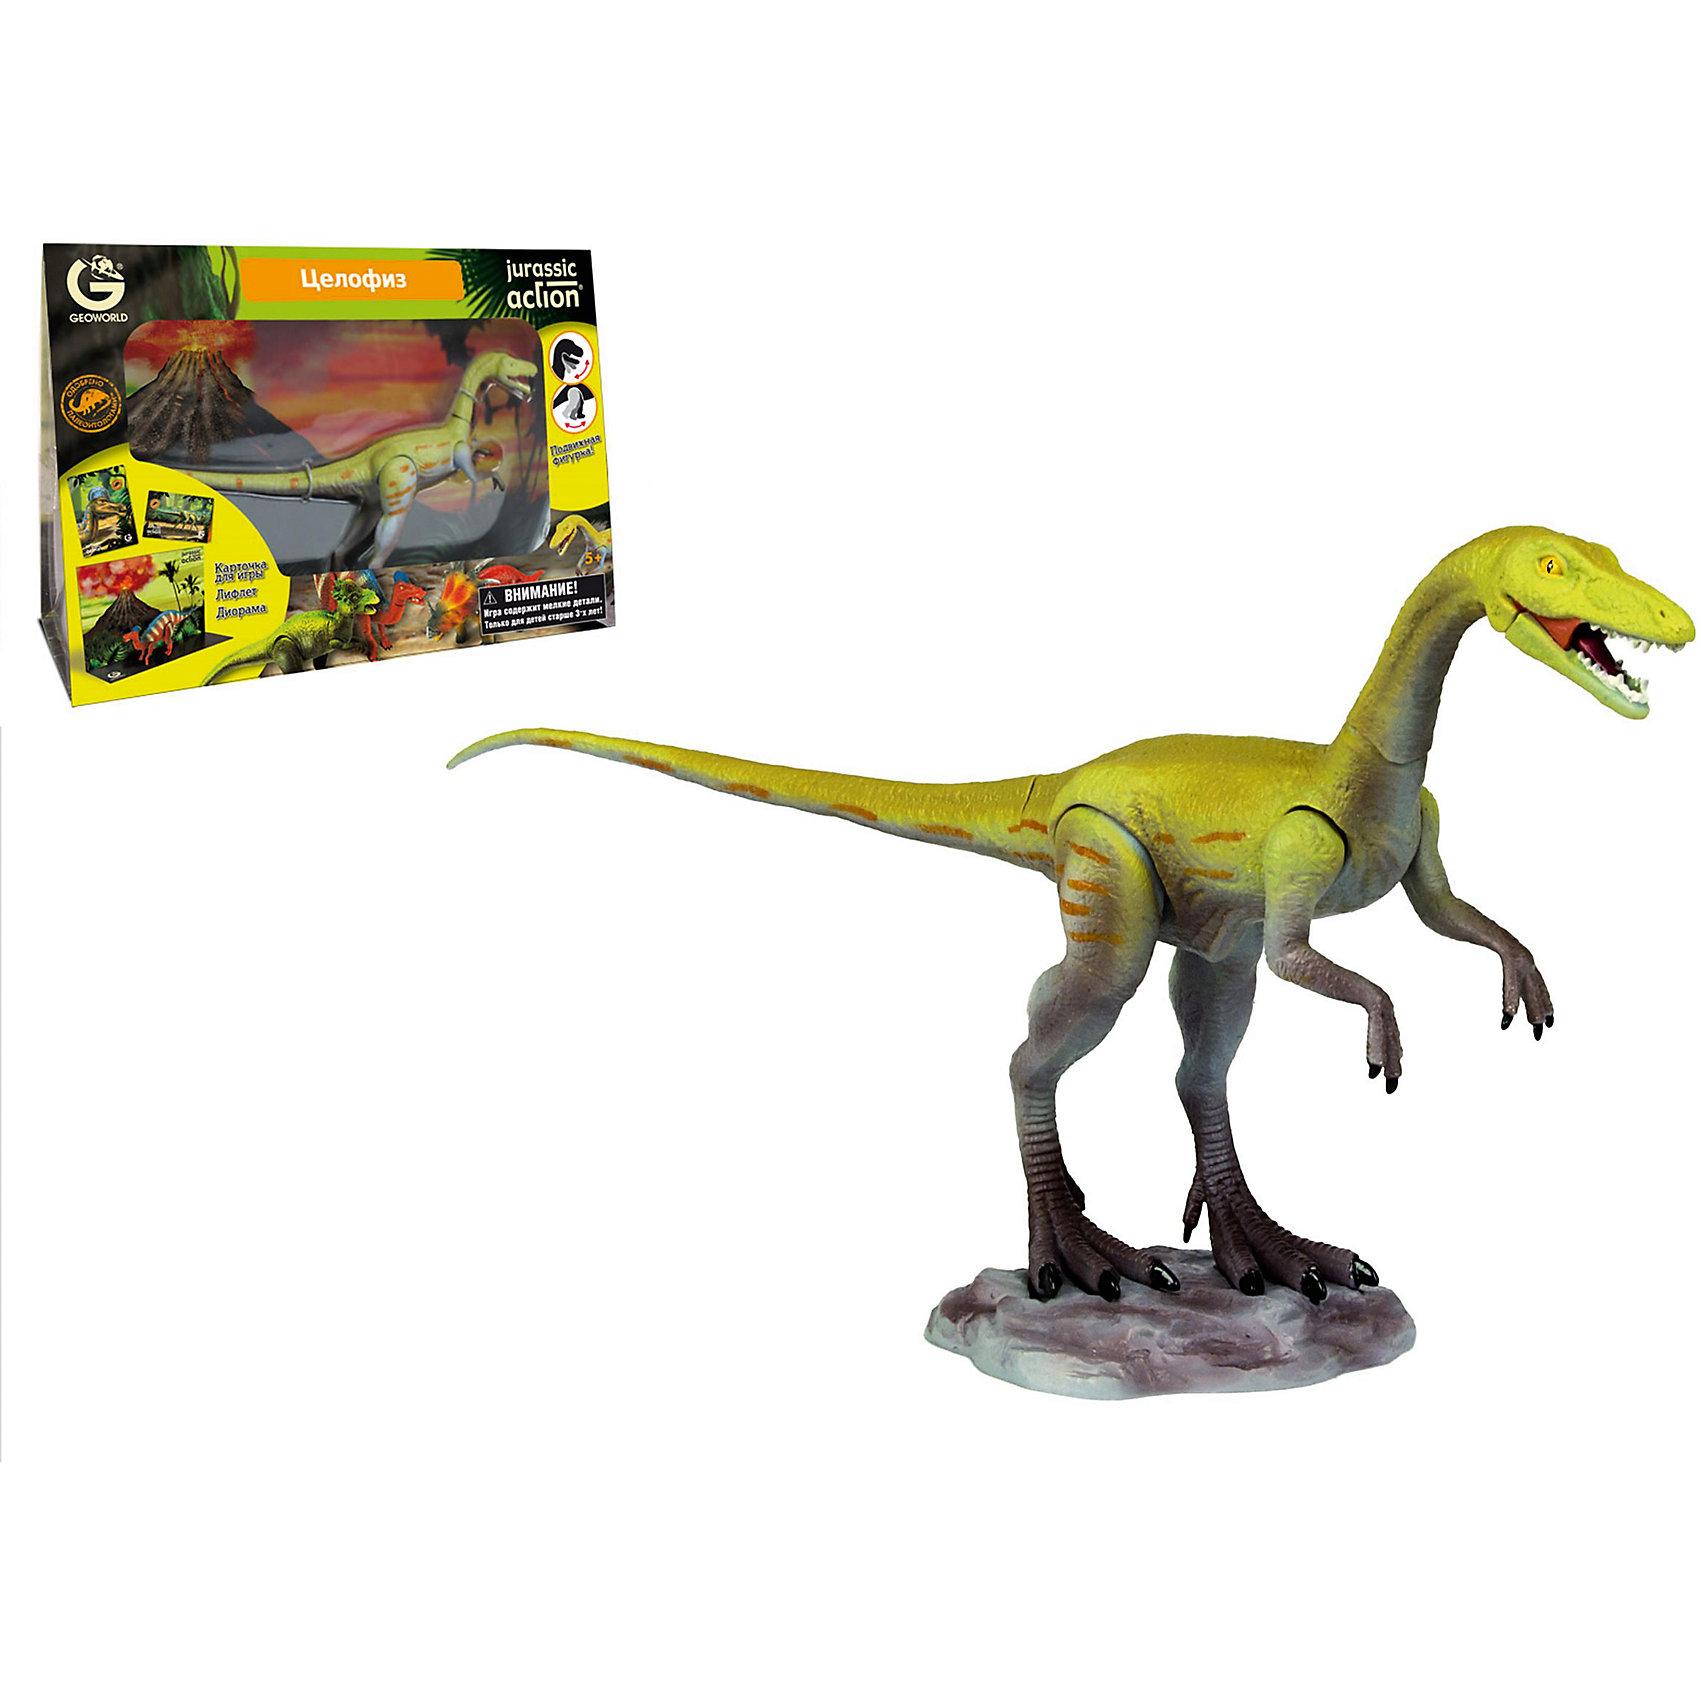 Динозавр Целофиз, коллекция Jurassic Action, GeoworldДраконы и динозавры<br>Характеристики товара:<br><br>• материал: пластик, картон<br>• фигурка подвижная<br>• возраст: от 4 лет<br>• габариты упаковки: 23х11х33 см<br>• комплектация: фигурка динозавра, карточка, буклет, диорама<br>• вес: 400 г<br>• страна бренда: Италия<br><br>Детализированная фигурка отлично впишется в коллекцию динозавров юного палеонтолога. Уникальный дизайн, проработанные мелкие детали и художественное исполнение сделали игрушку очень реалистичной и перенесли ее в раздел коллекционных моделей. Материалы, использованные при изготовлении товаров, проходят проверку на качество и соответствие международным требованиям по безопасности.<br><br>У фигурки подвижны конечности и голова, поэтому ей можно придавать разные позы. Также в наборе идет карточка, описывающая этого динозавра, и буклет. Плюс - диорама со средой обитания динозавра. Такие фигурки помогают привить детям любовь к учебе, развить воображение и интерес к коллекционированию.<br><br>Динозавр Целофиз, коллекция Jurassic Action, от бренда Geoworld можно купить в нашем интернет-магазине.<br><br>Ширина мм: 230<br>Глубина мм: 110<br>Высота мм: 330<br>Вес г: 378<br>Возраст от месяцев: 60<br>Возраст до месяцев: 108<br>Пол: Унисекс<br>Возраст: Детский<br>SKU: 5419001